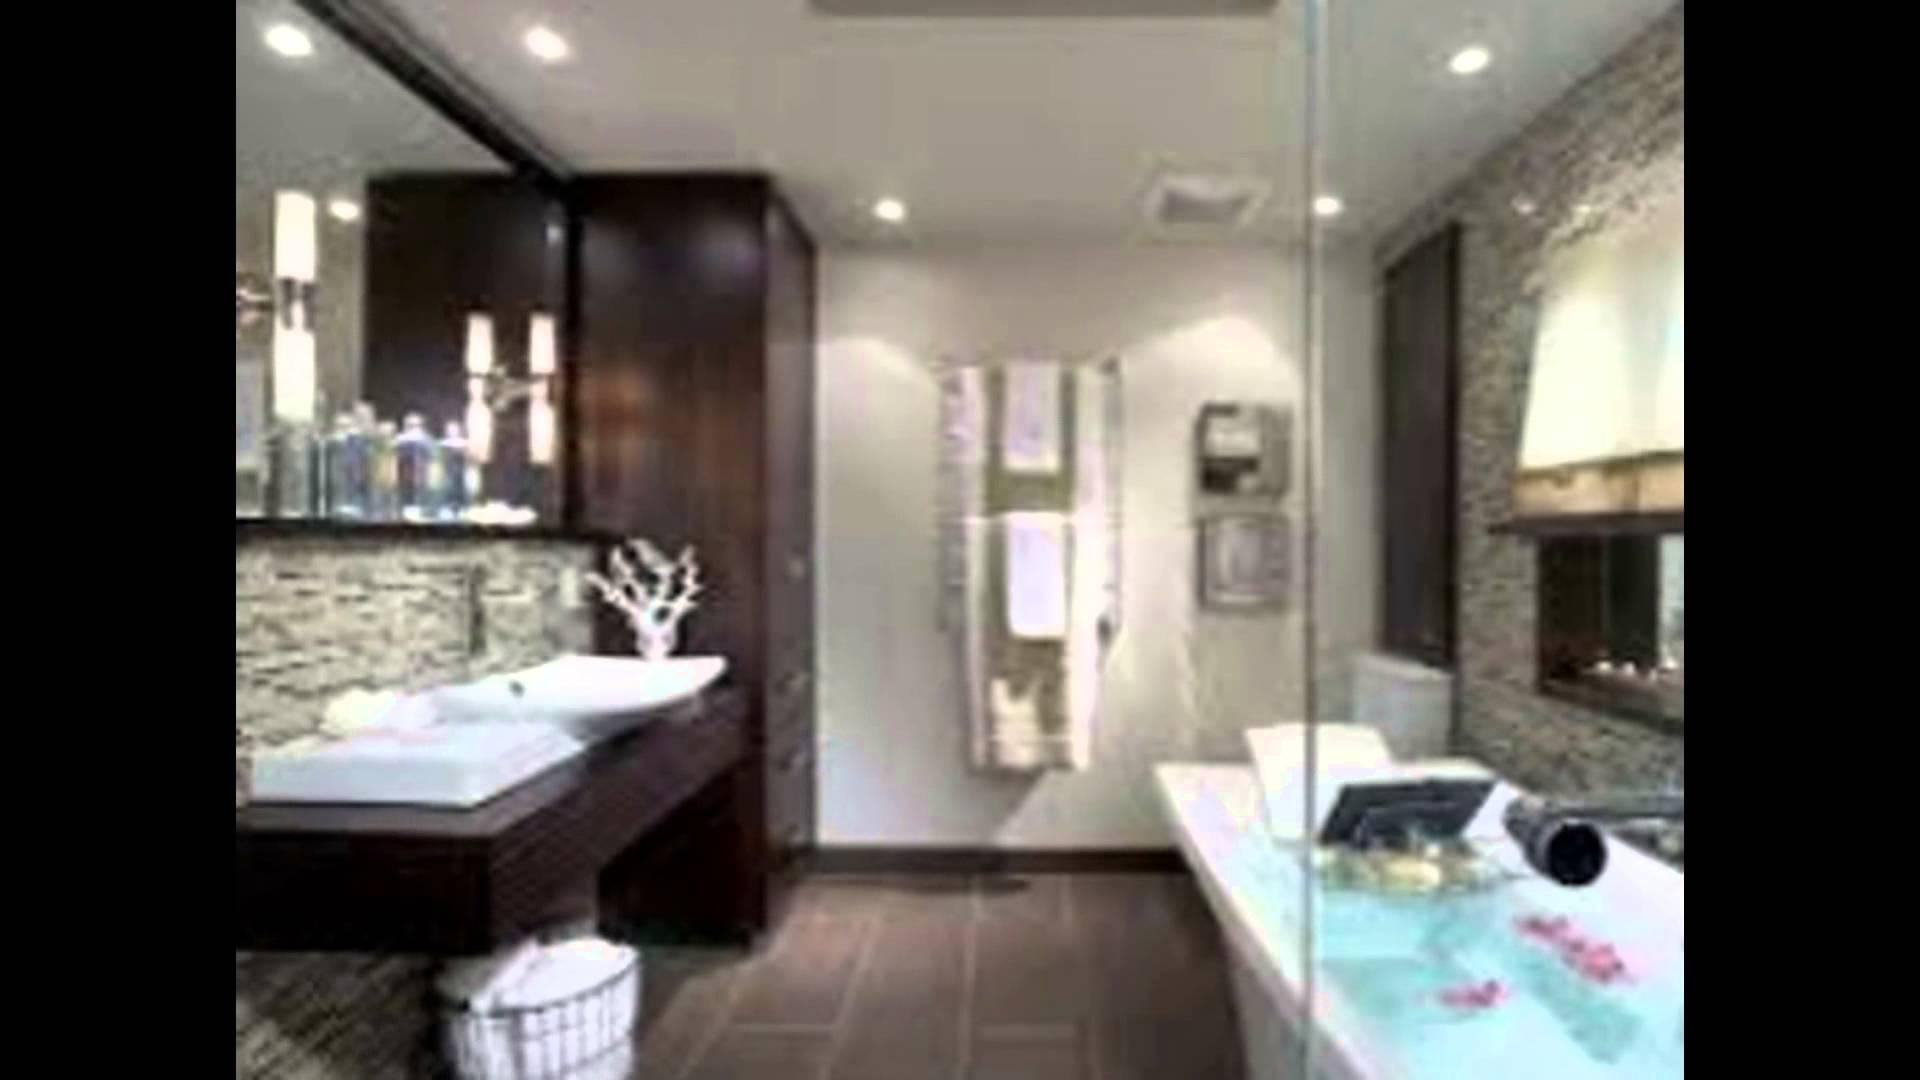 بالصور تصاميم حمامات , شاهد احدث تصاميم الحمامات العصرية 1934 14